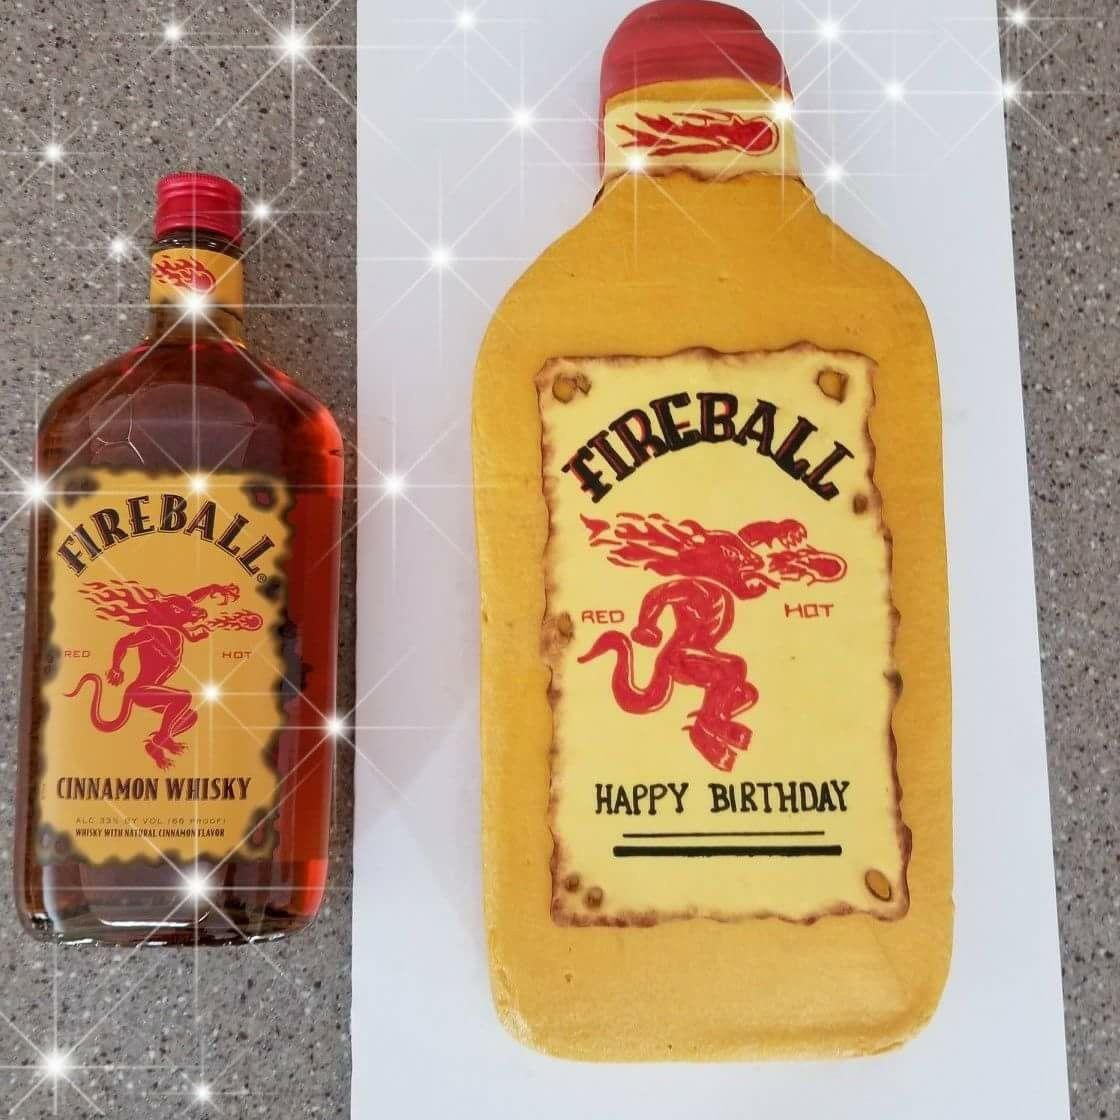 Jen May Cakes Fireball Whiskey Cake!